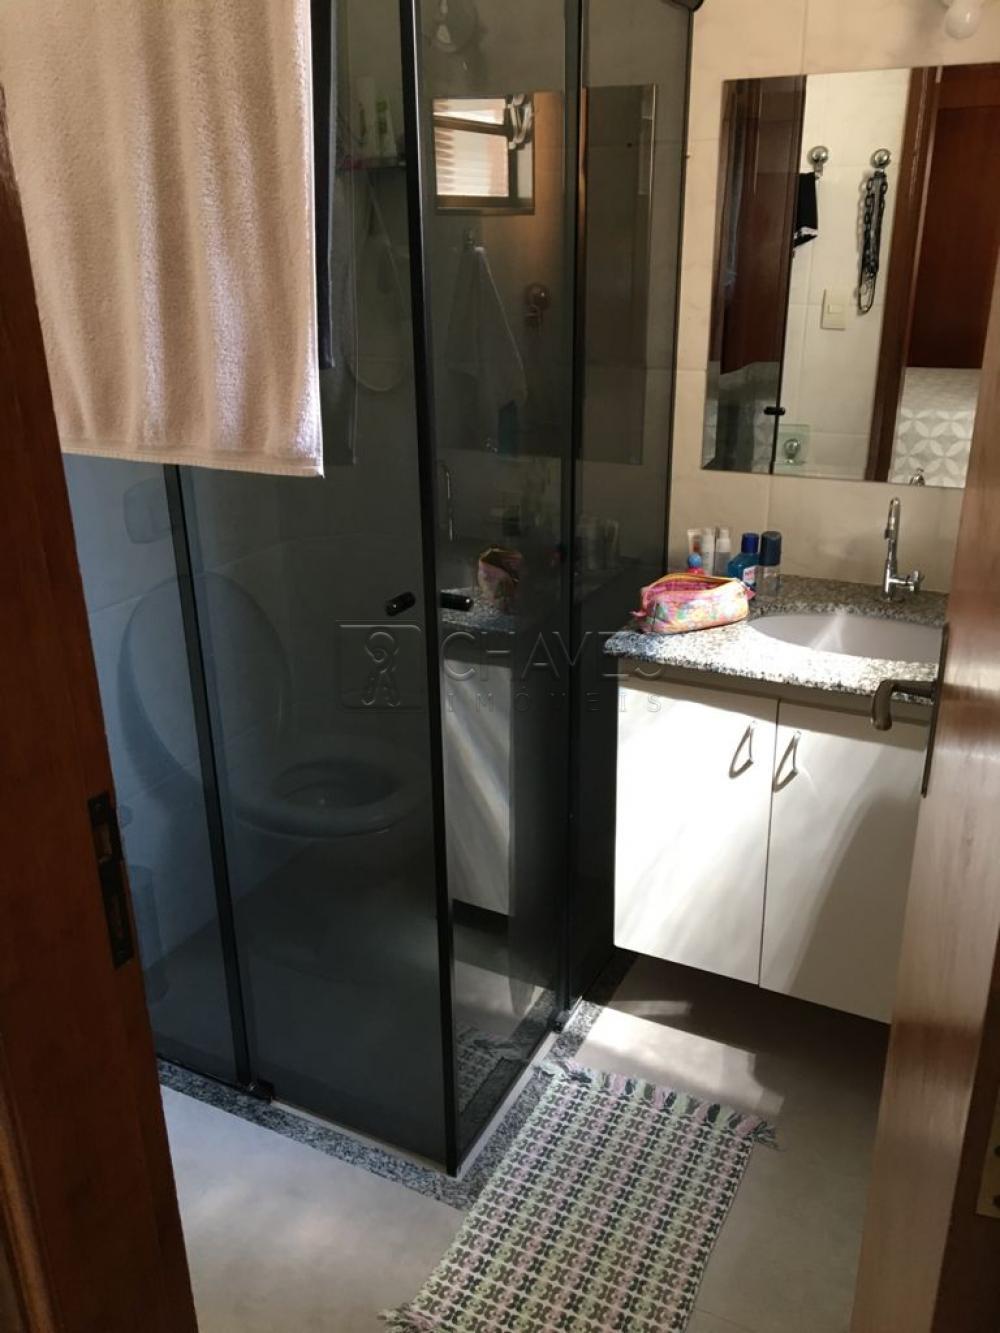 Comprar Apartamento / Padrão em Ribeirão Preto R$ 275.000,00 - Foto 13